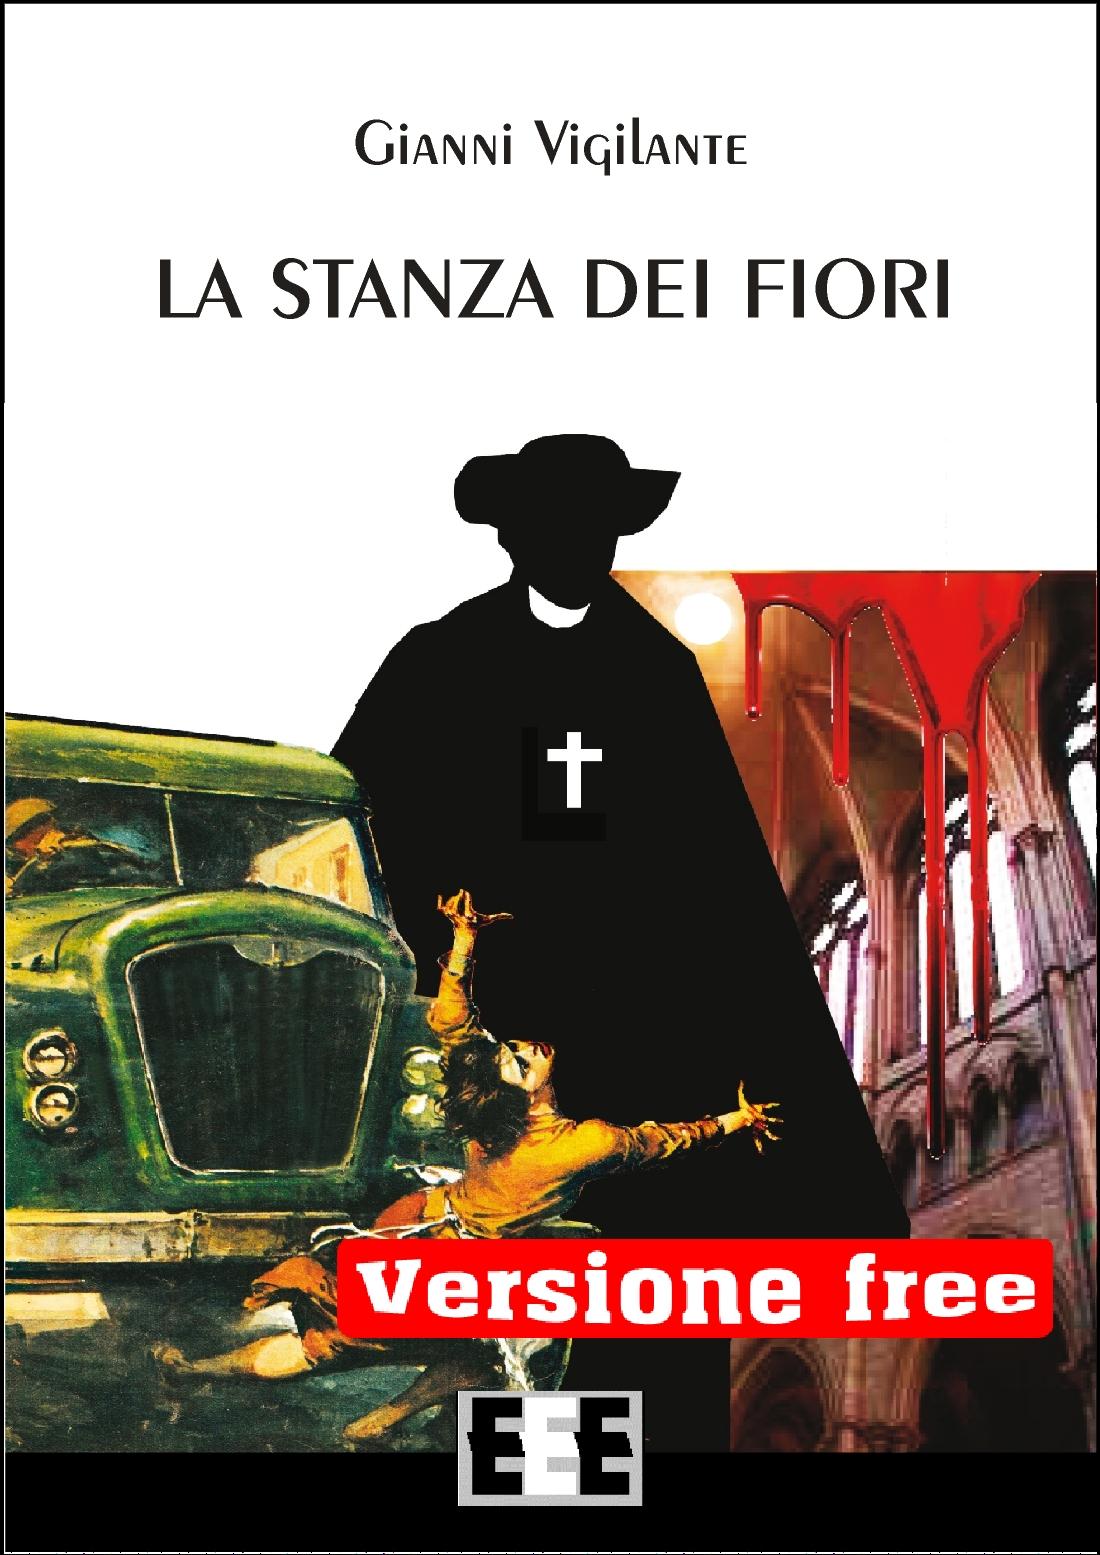 STANZA_VIGILANTE_FREE